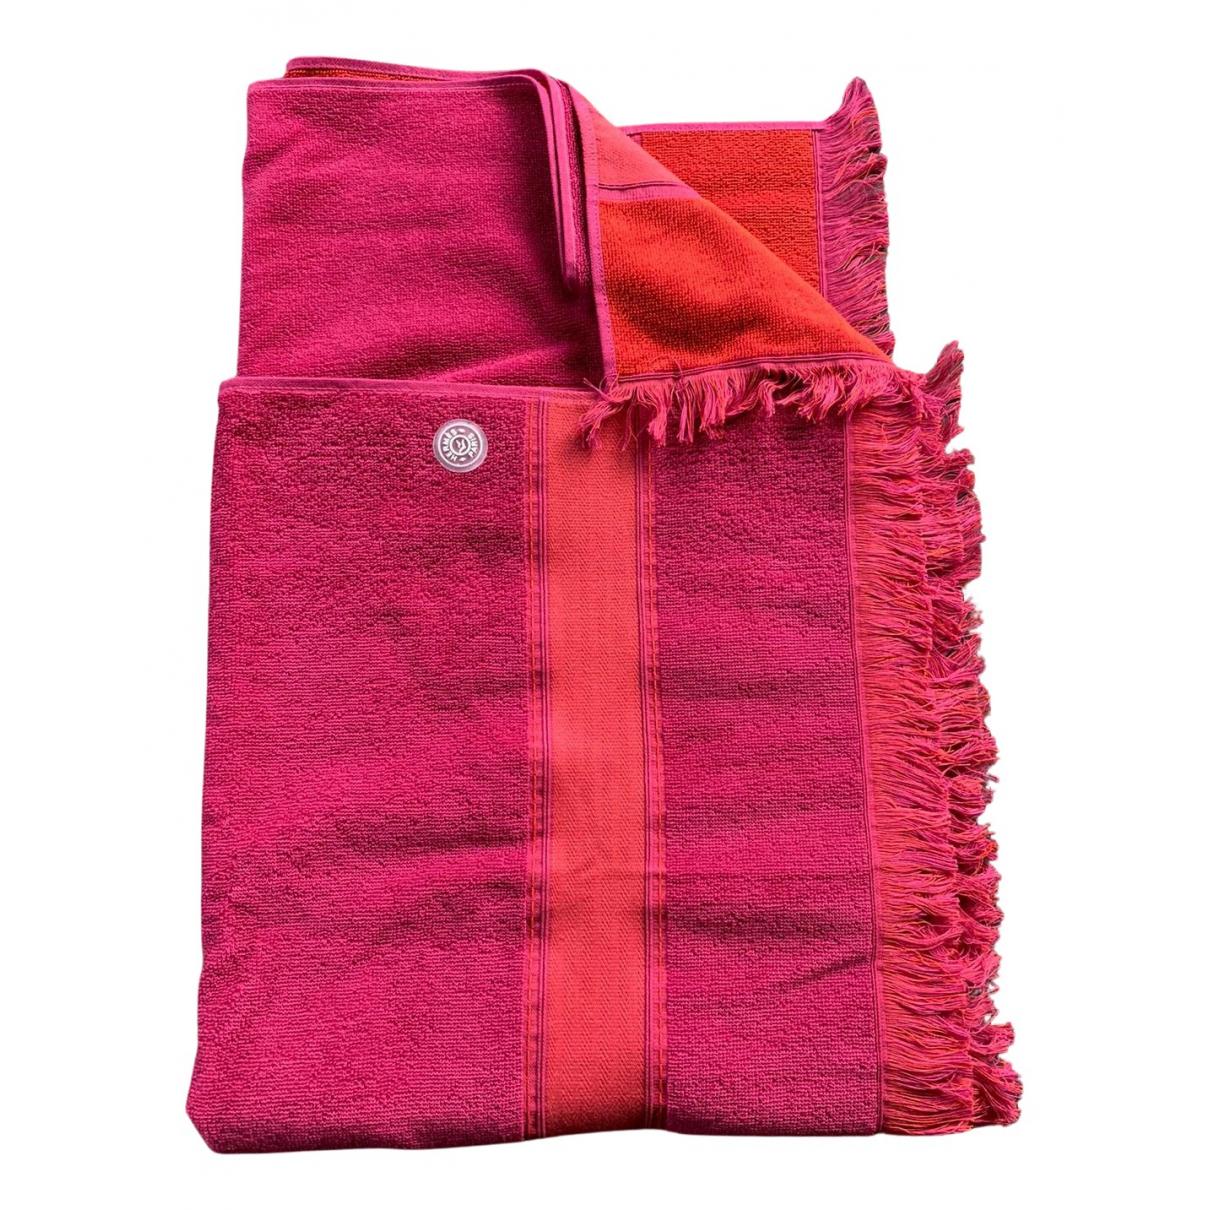 Hermès N Burgundy Cotton Textiles for Life & Living N